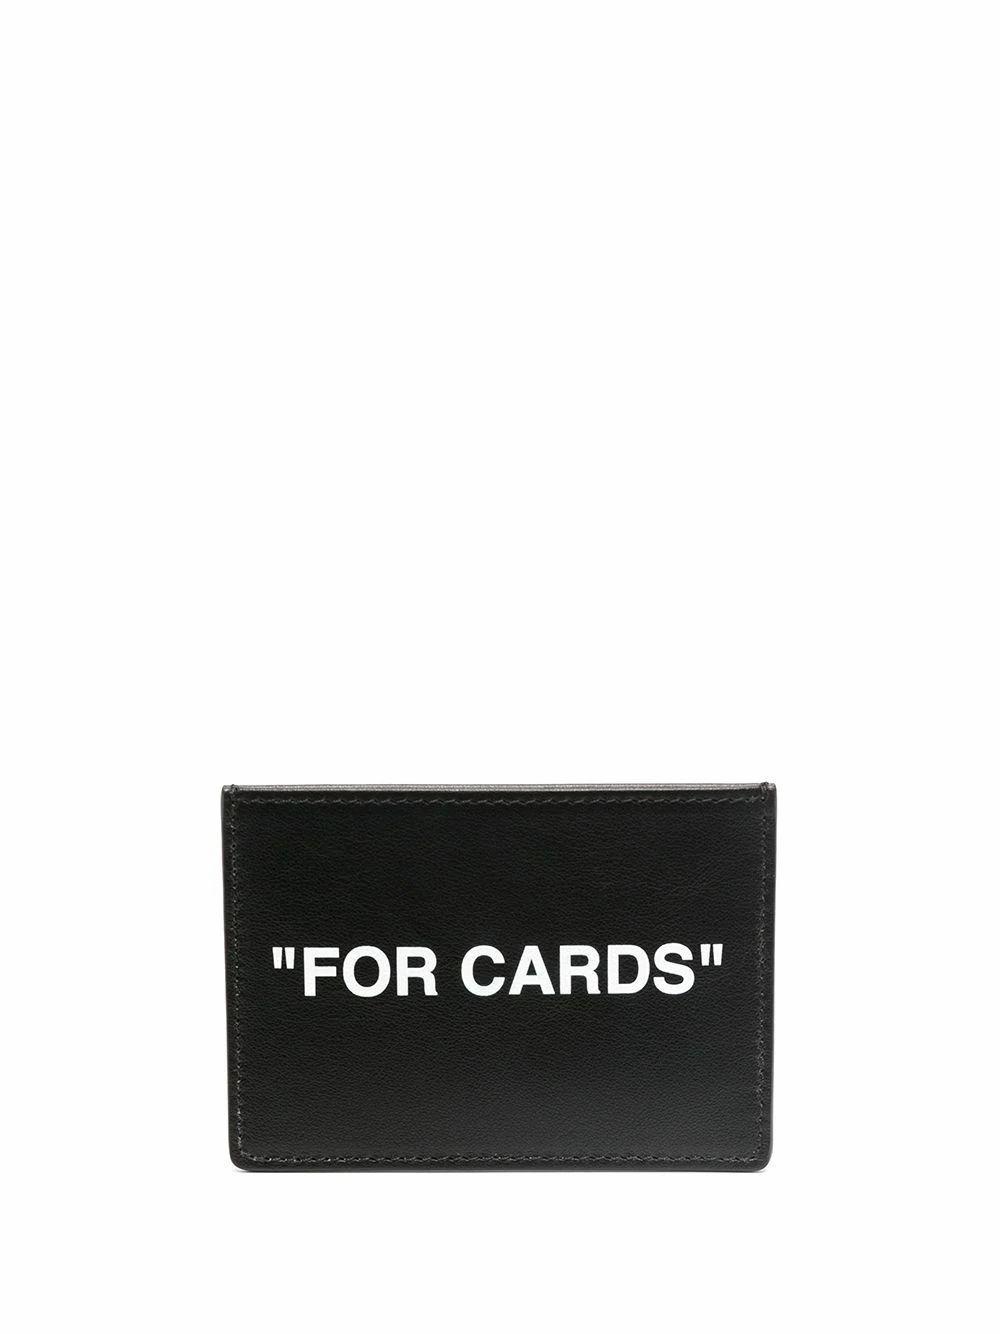 Off-White OFF-WHITE MEN'S BLACK LEATHER CARD HOLDER